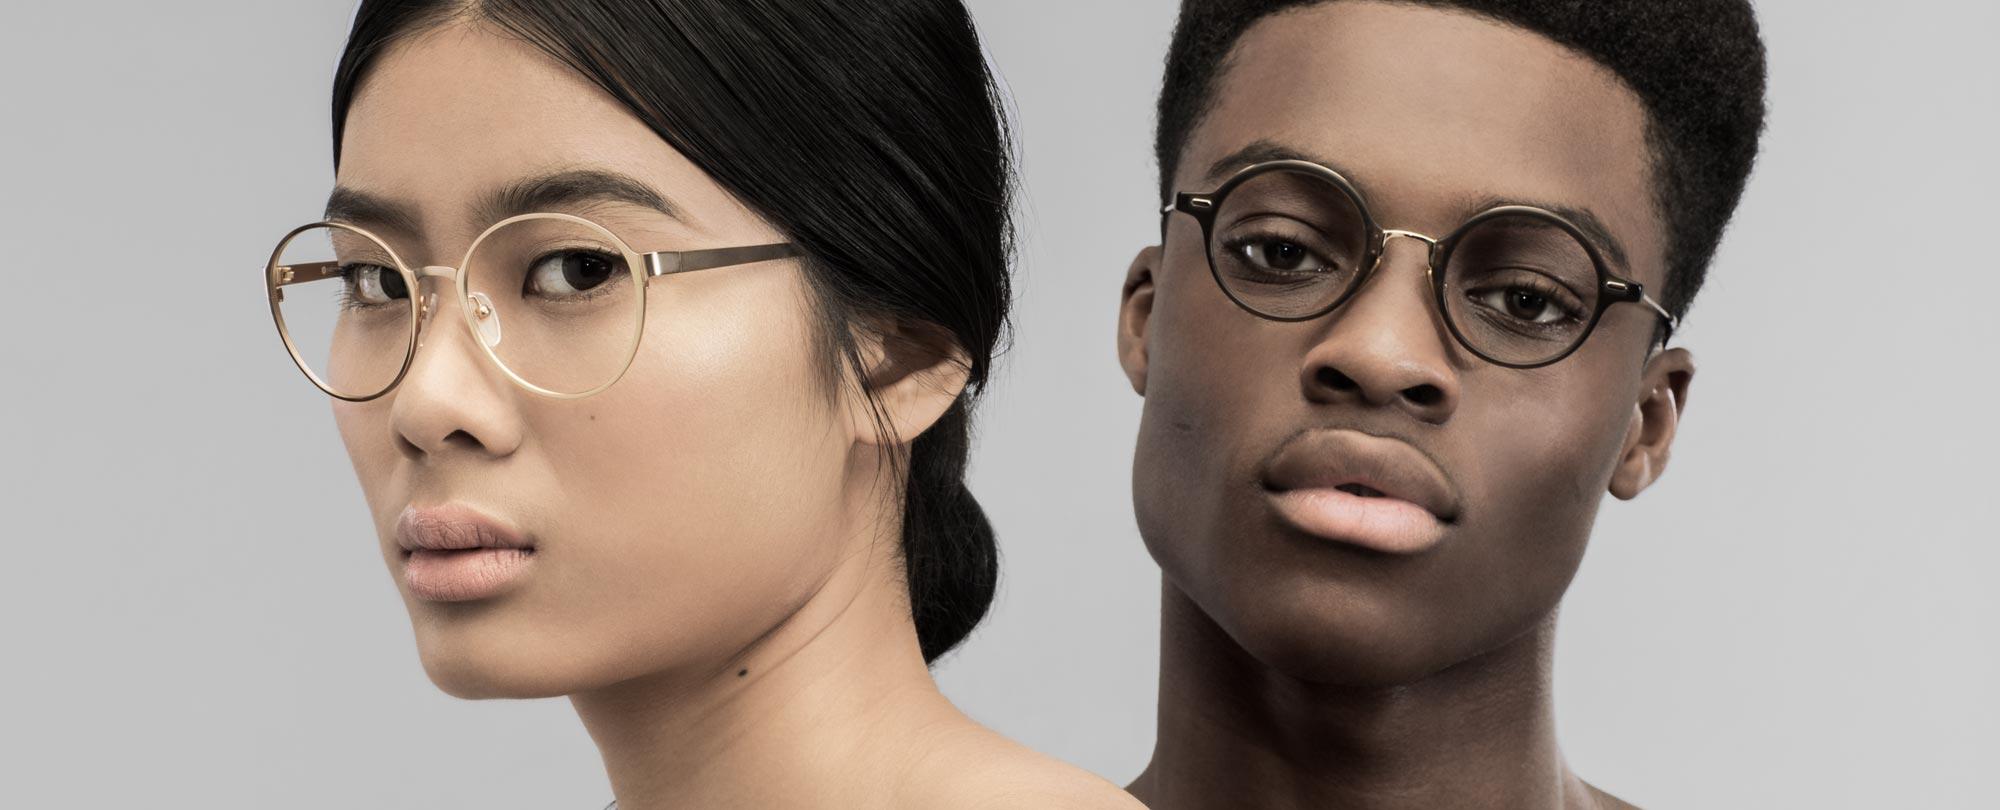 Séléction de lunettes de vue par VU, optométristes et lunetterie à Montréal